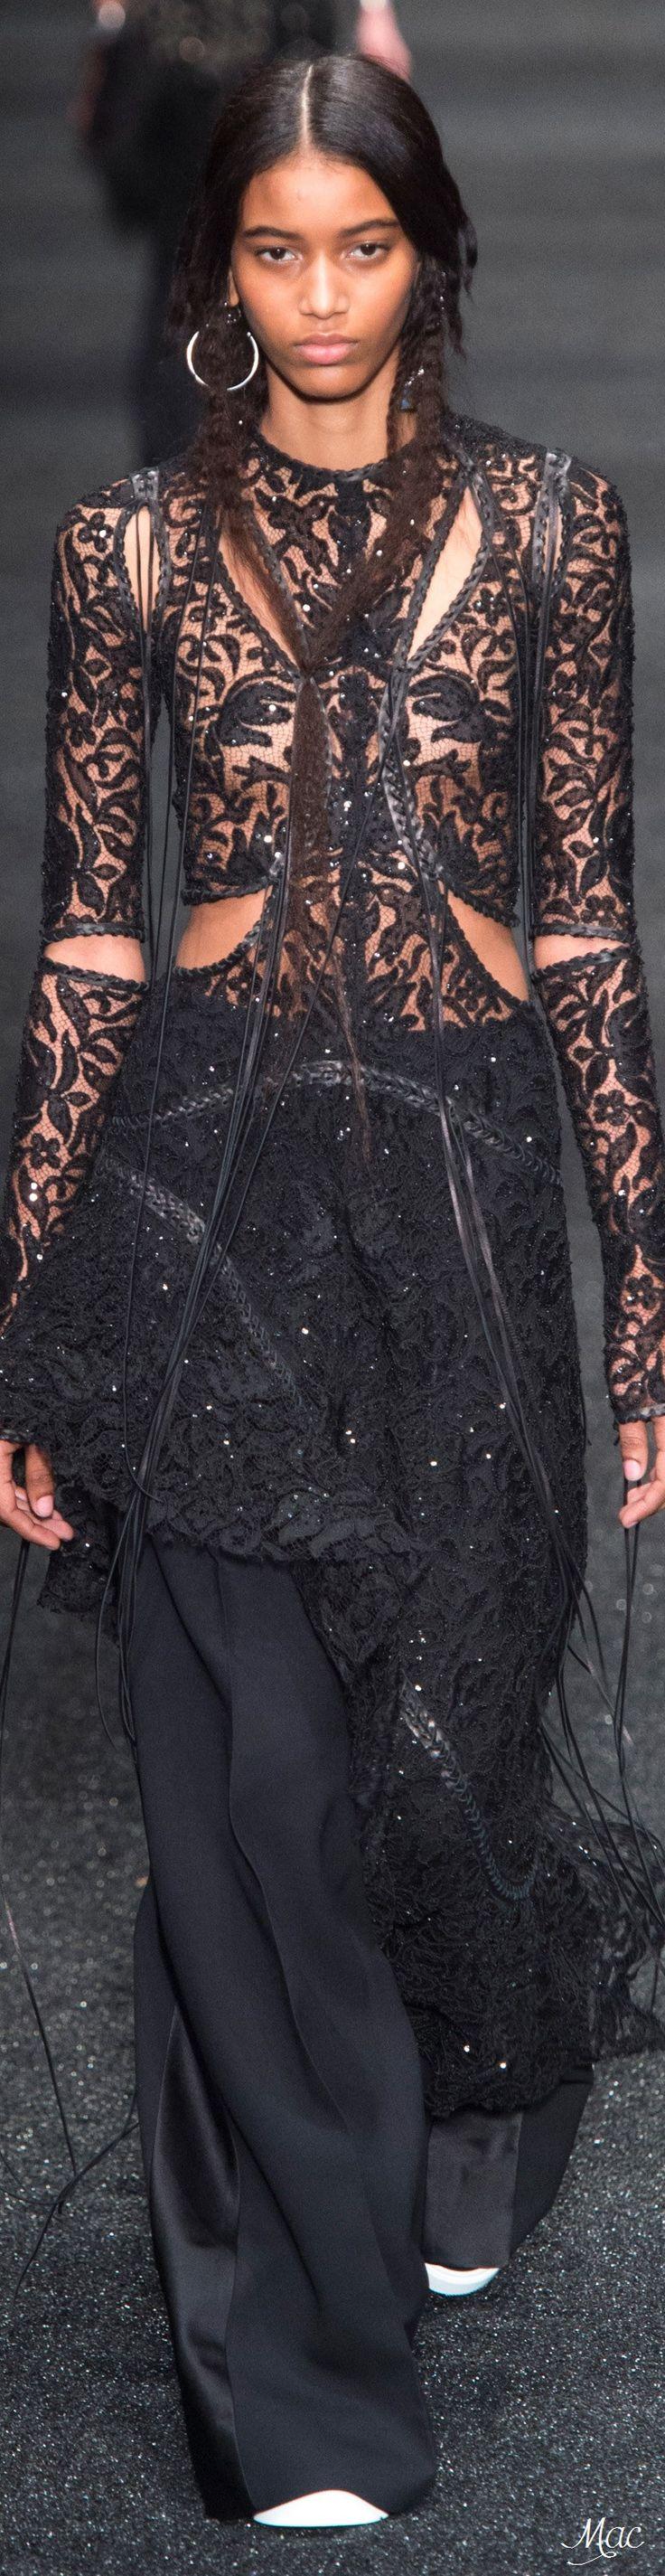 745 besten ⊰⊱ Black Lace ⊰⊱ Bilder auf Pinterest   Hüte, Mode ...